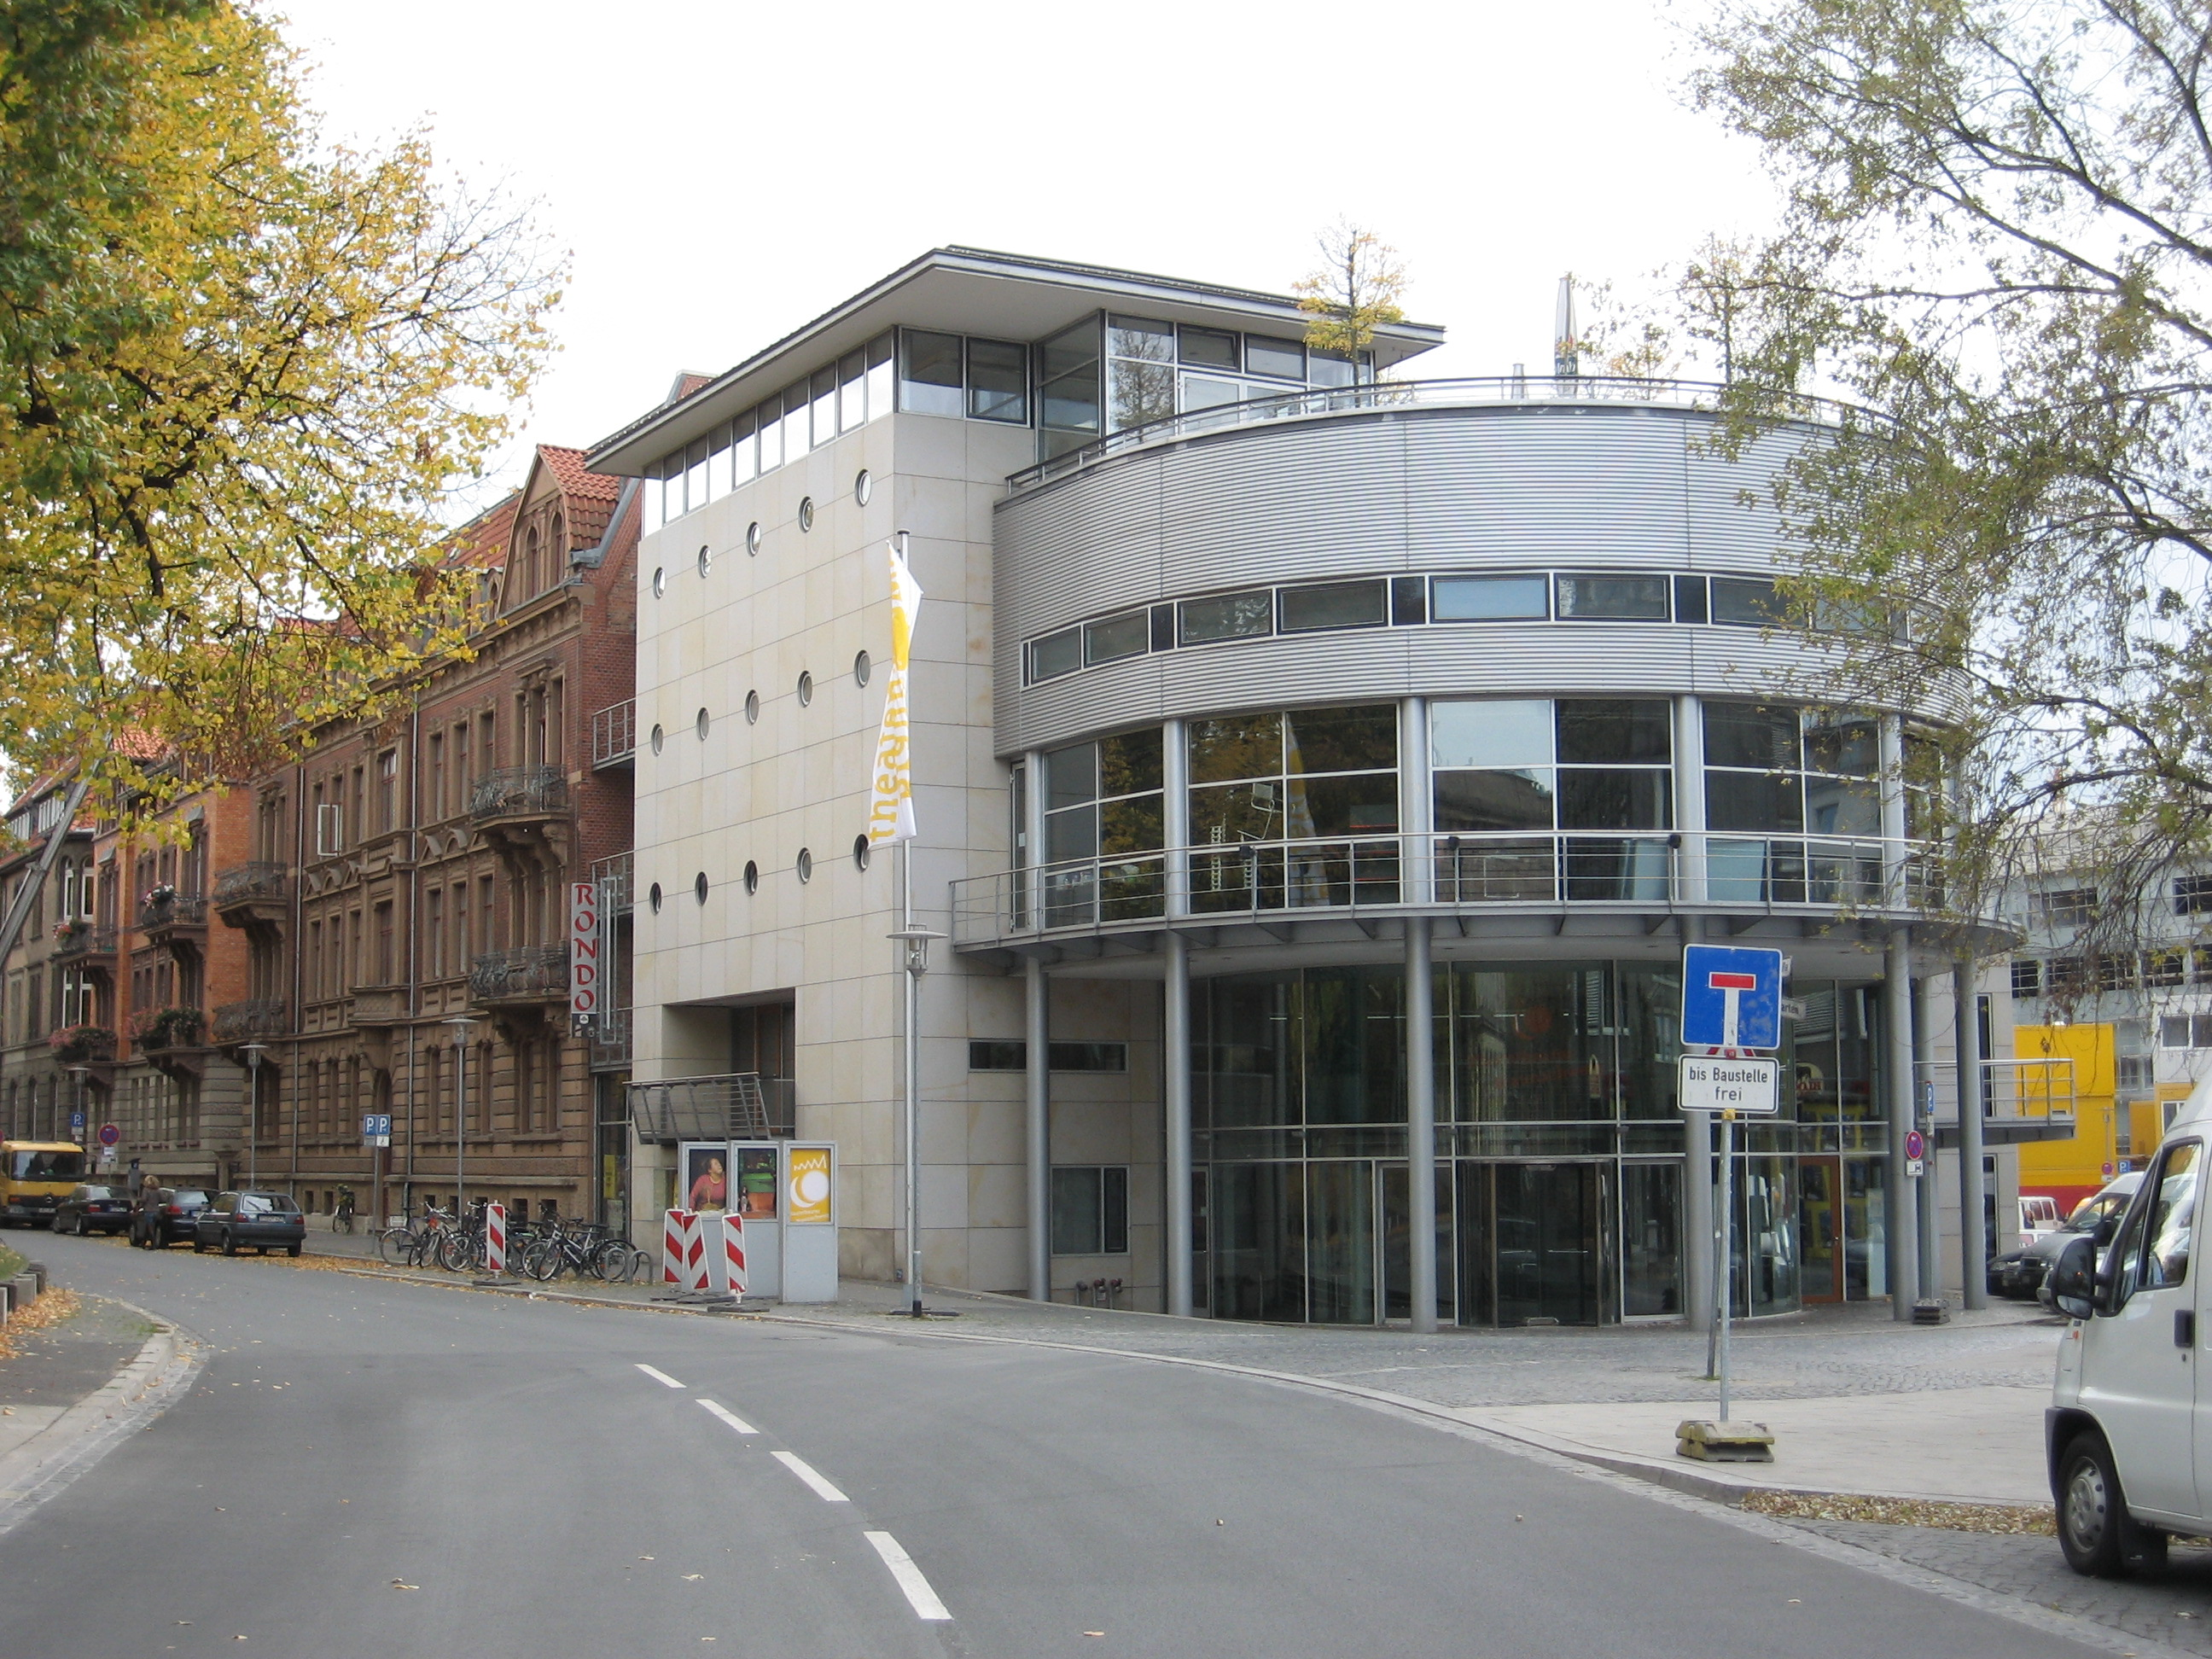 File:Braunschweig Kleines Haus.jpg - Wikimedia Commons